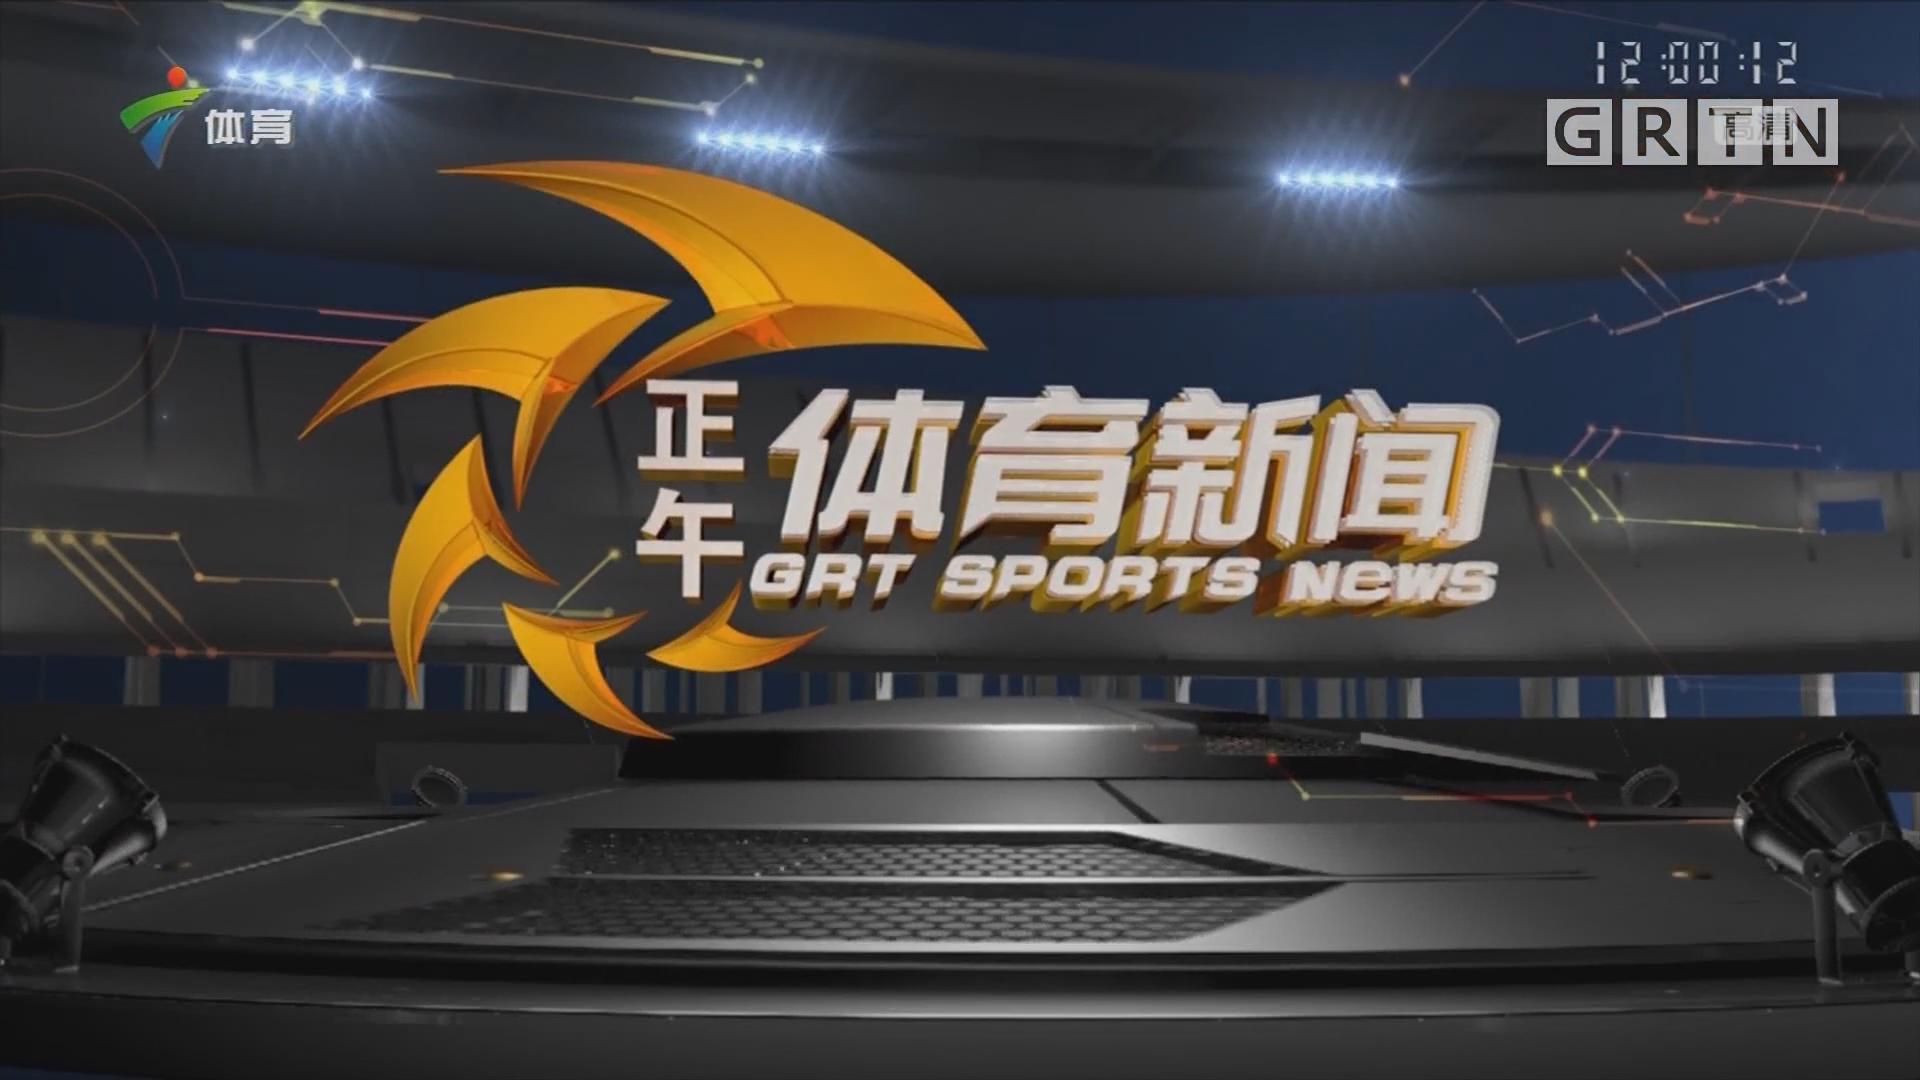 [HD][2018-12-24]正午体育新闻:易建联复出 广东东莞银行赢德比夺CBA半程冠军